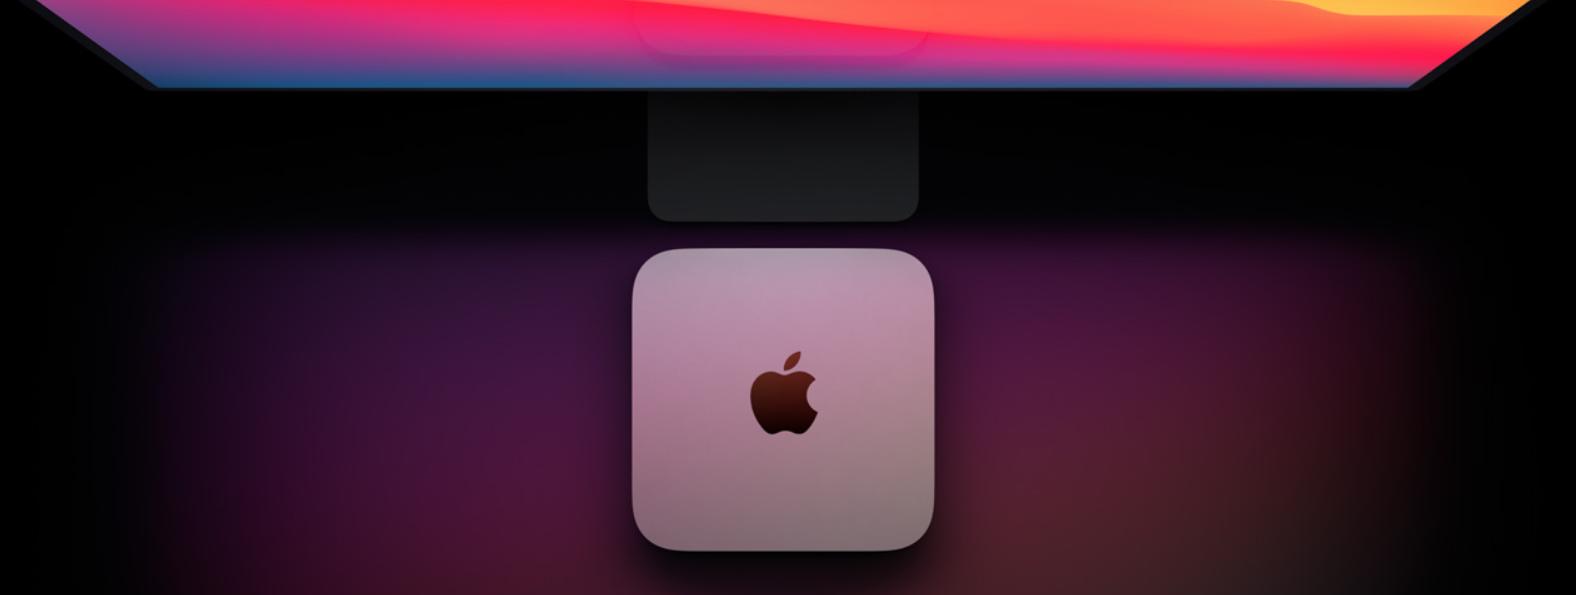 Фанати Apple зрадіють новому MacBook